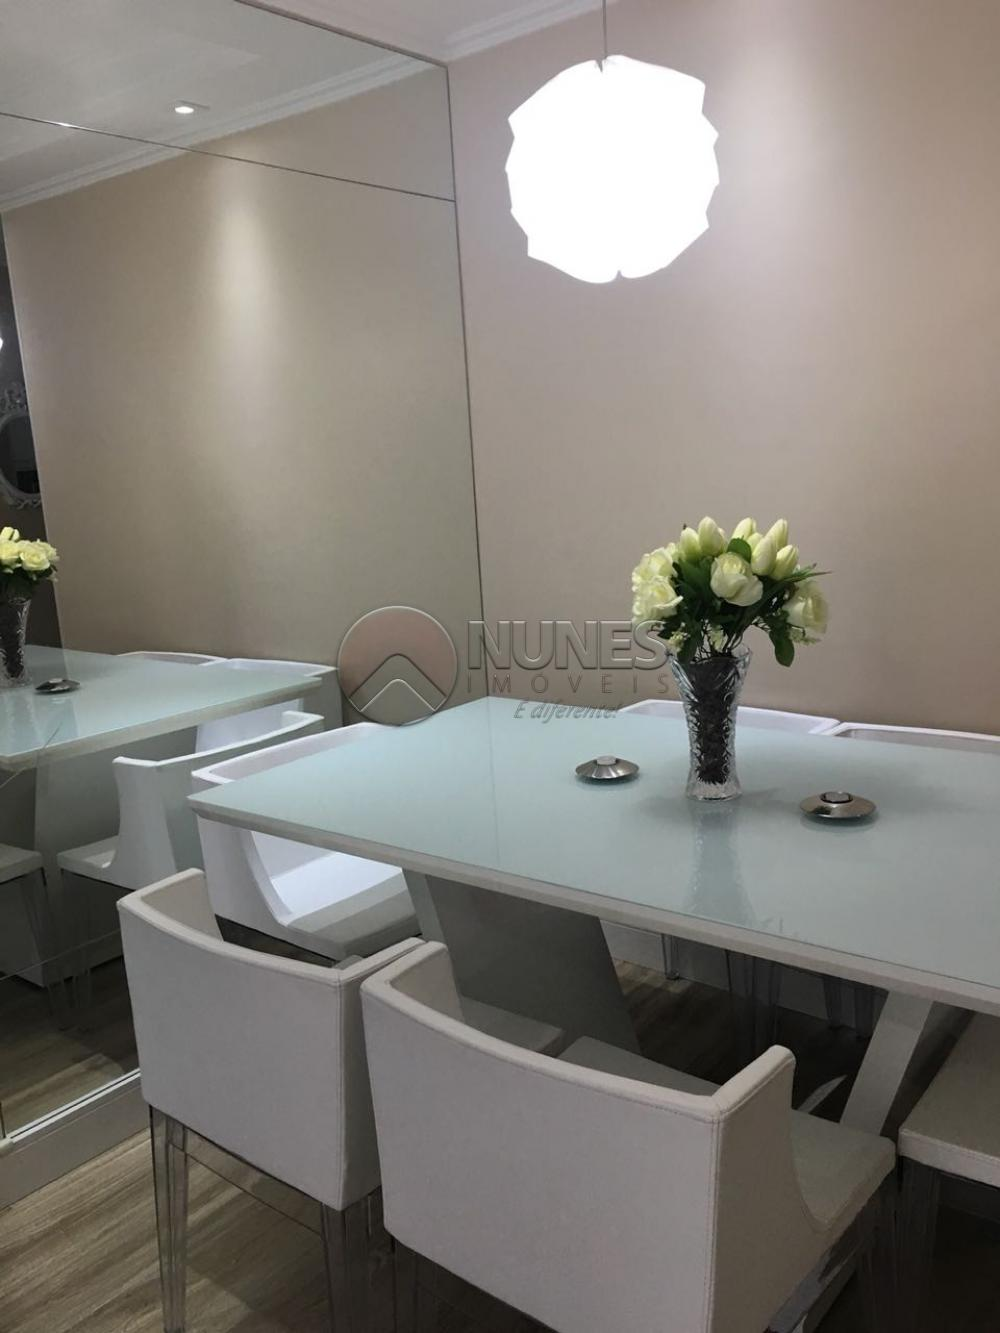 Comprar Apartamento / Padrão em Osasco apenas R$ 380.000,00 - Foto 2